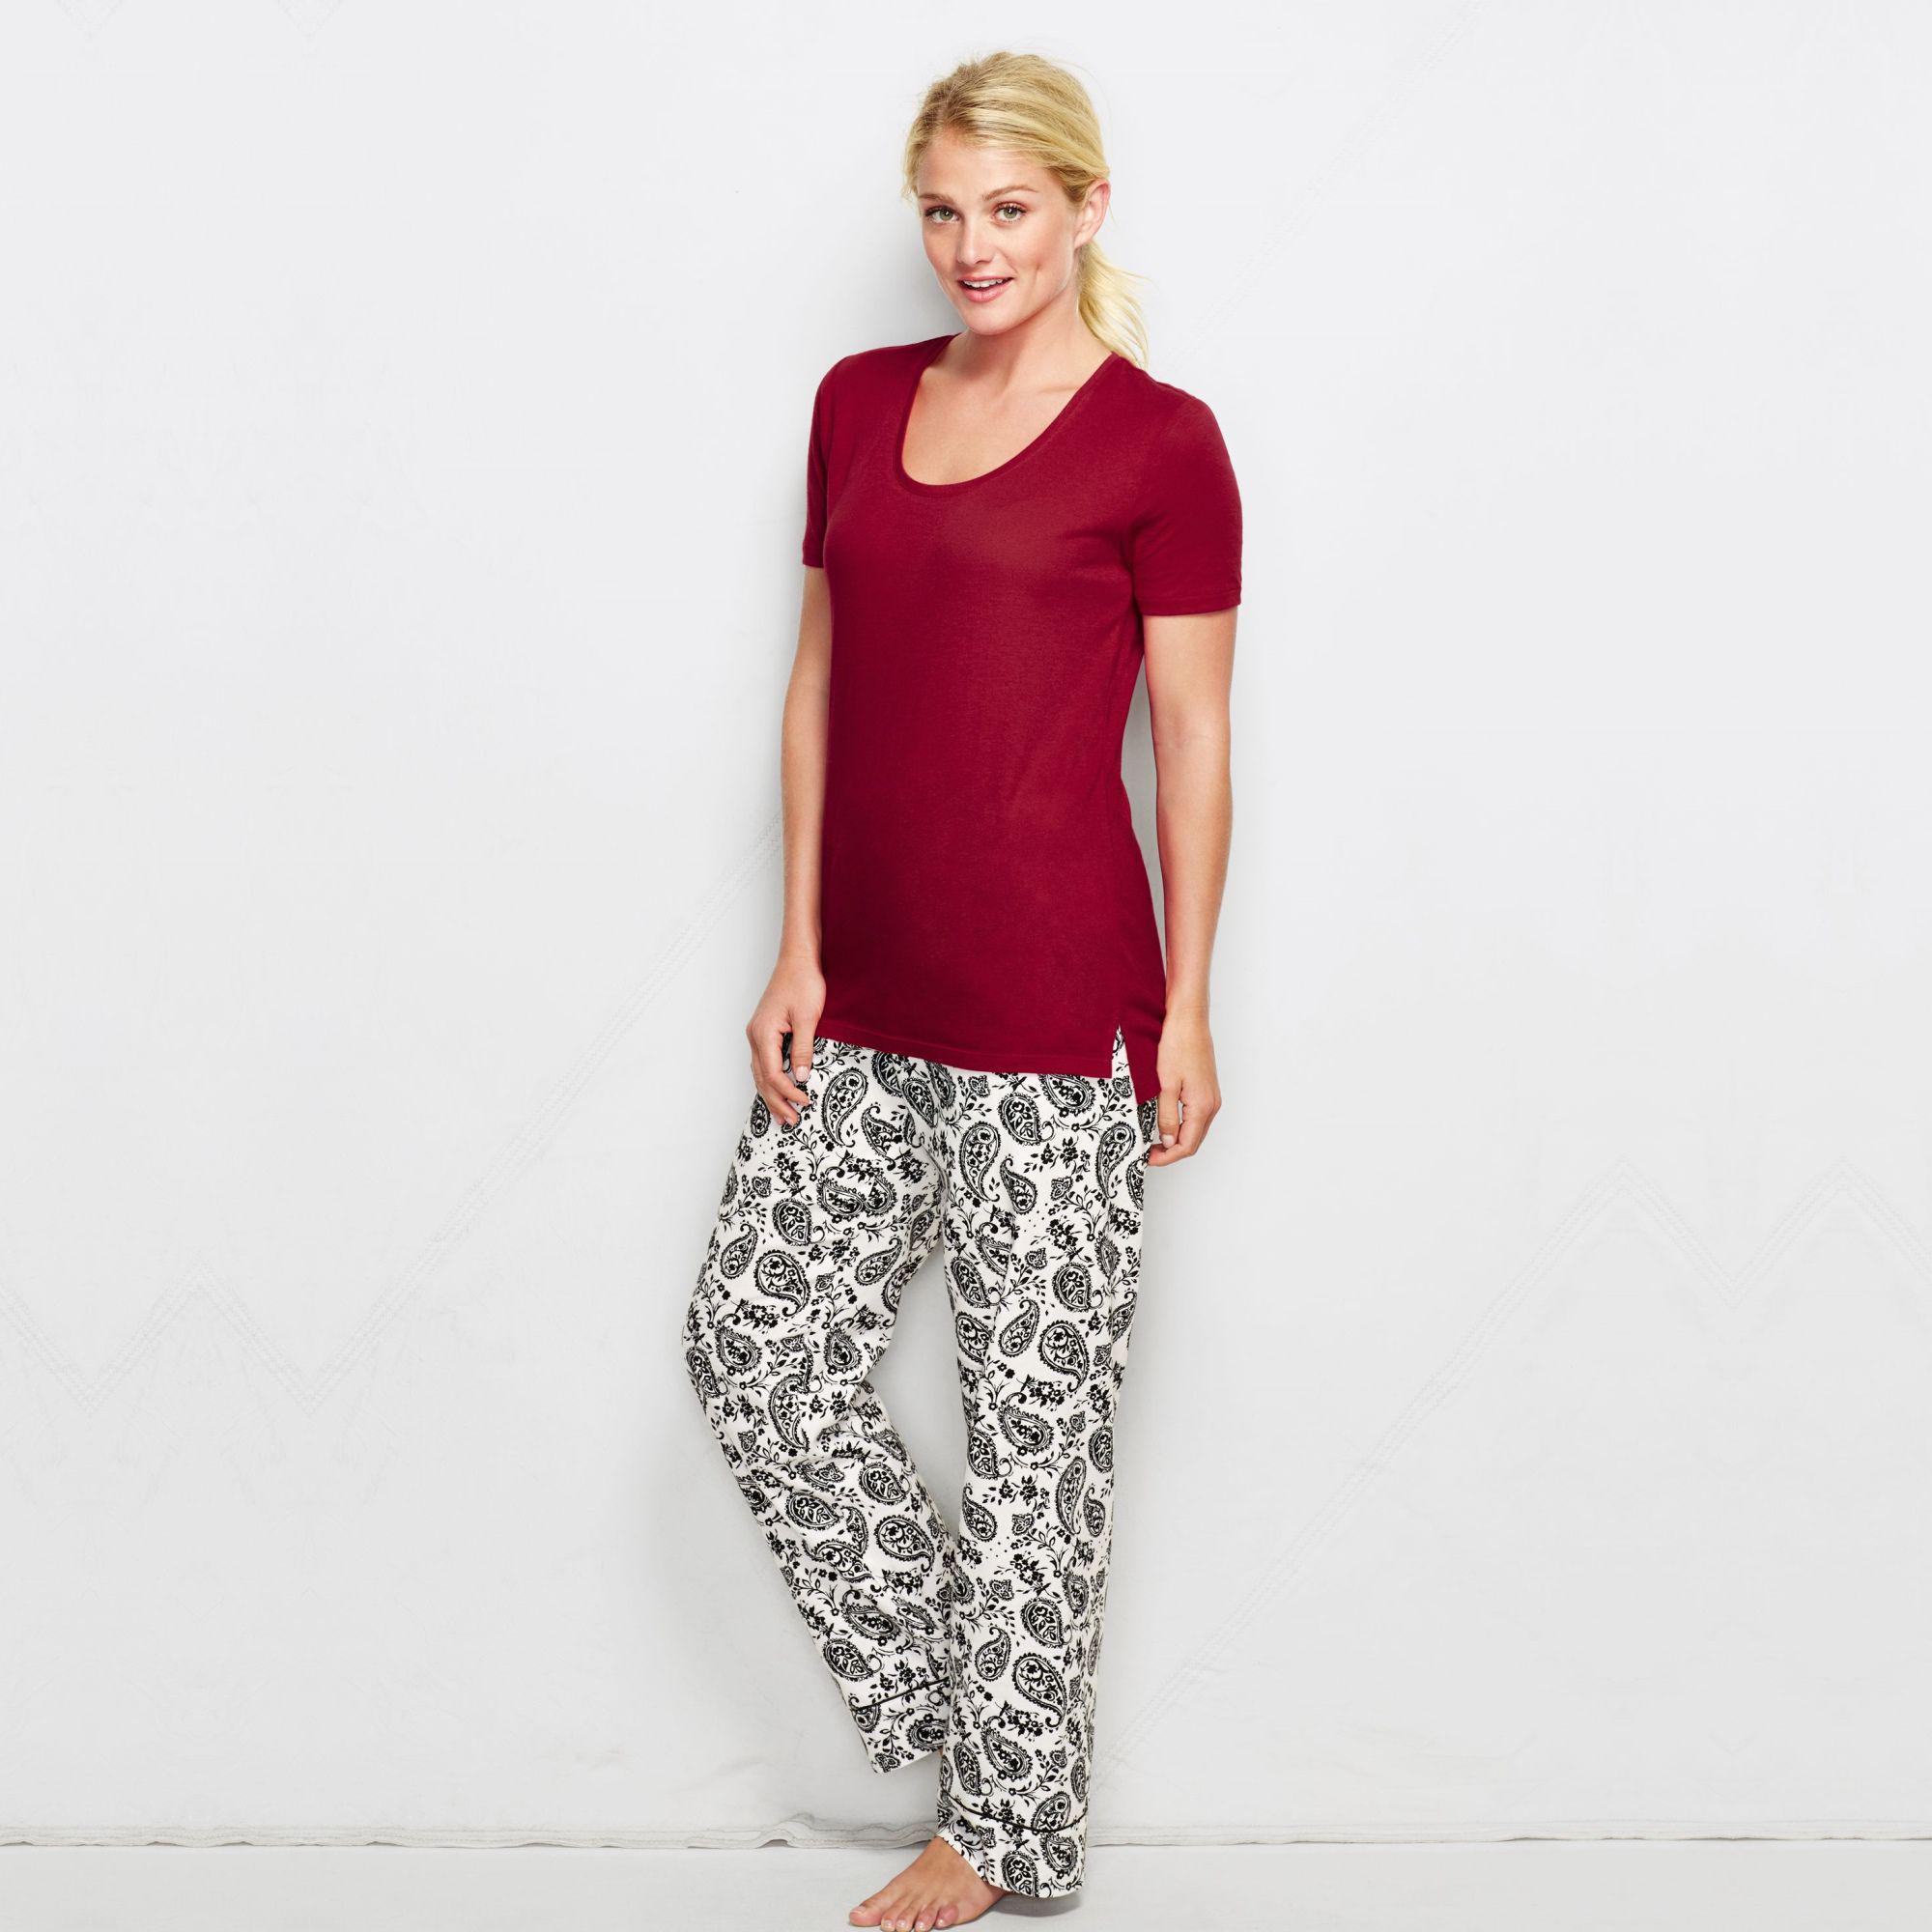 e800c479a0 Lyst - Lands  End Red Regular Cotton modal Short Sleeve Pyjama Top ...